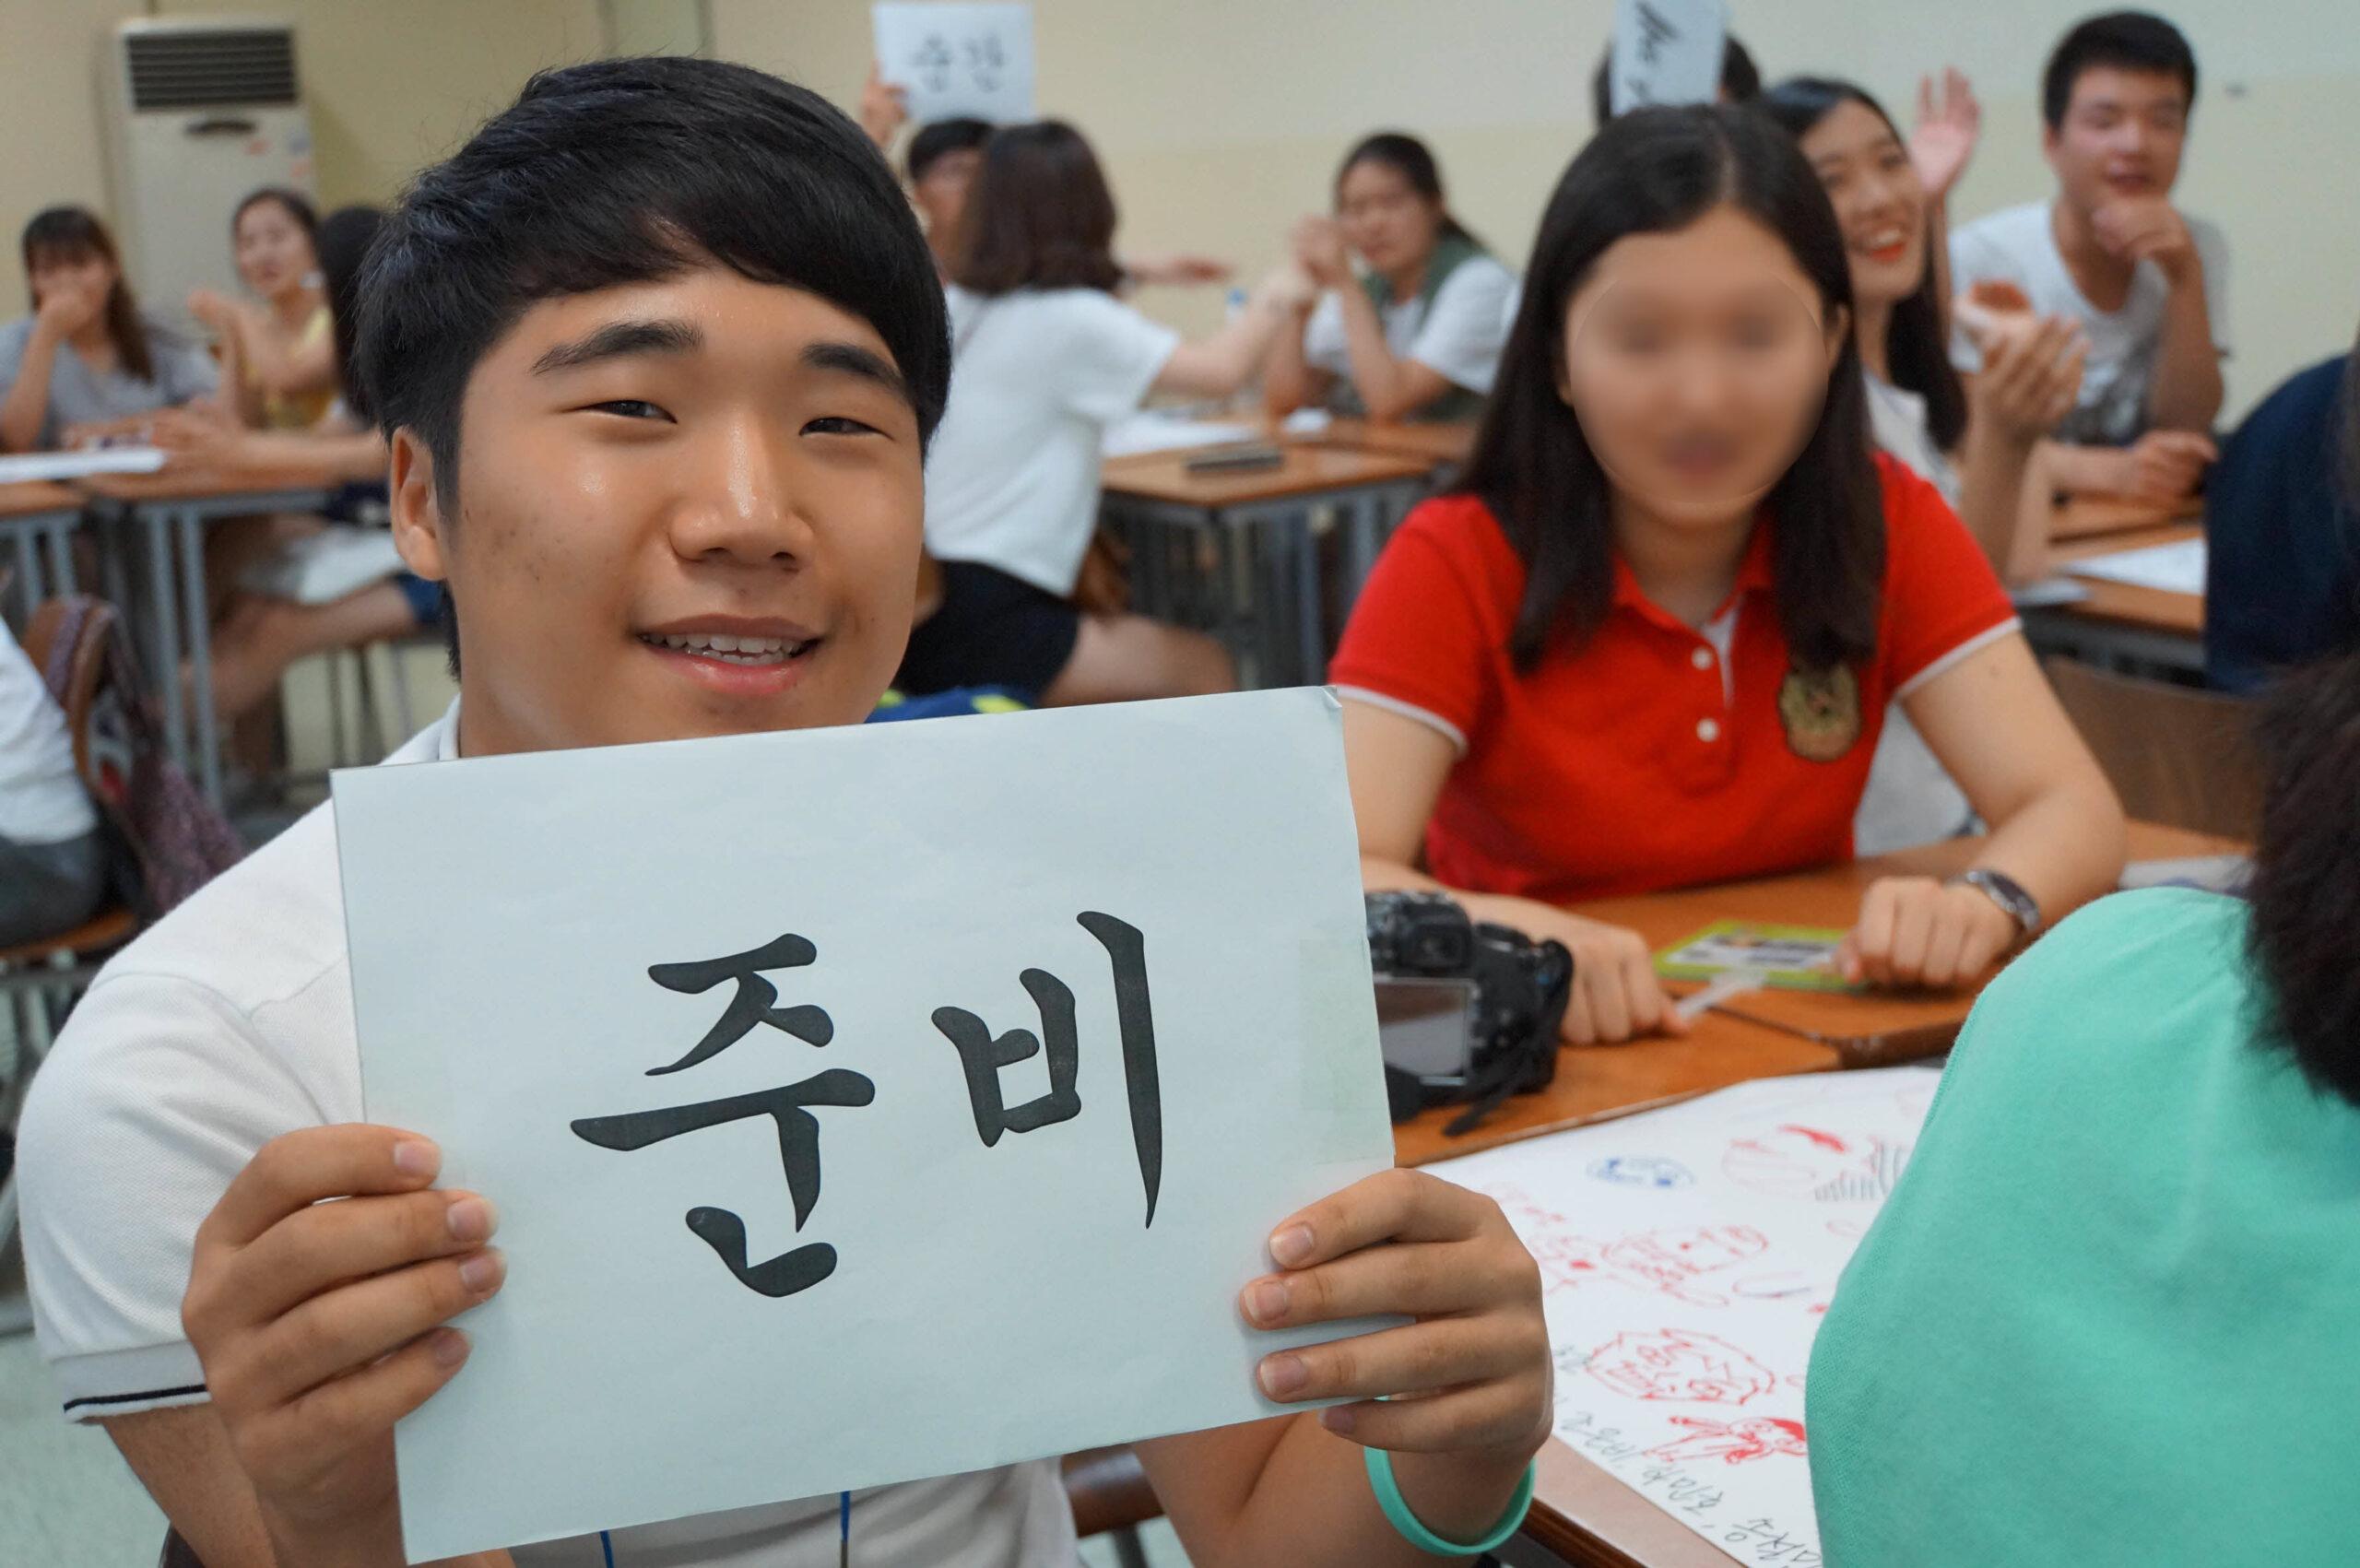 새터민 청소년들, 대한민국 청소년들과 따뜻한 우정 나눠